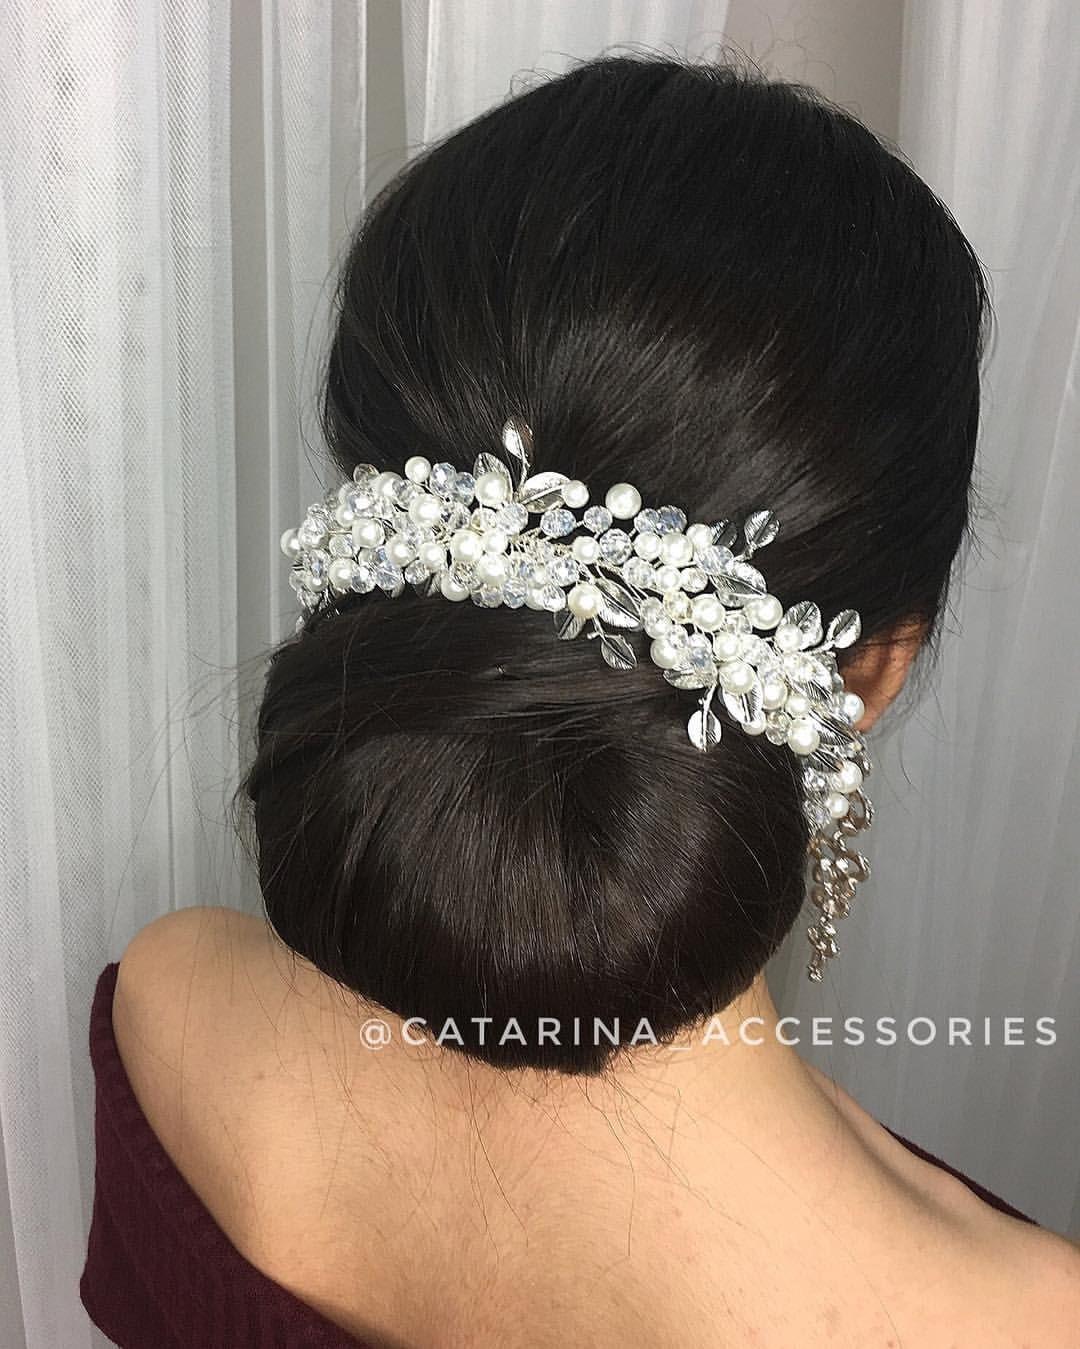 Virtual Hairstyle For Your Face: Шикарное свадебное украшение, которое прекрасно подойдет